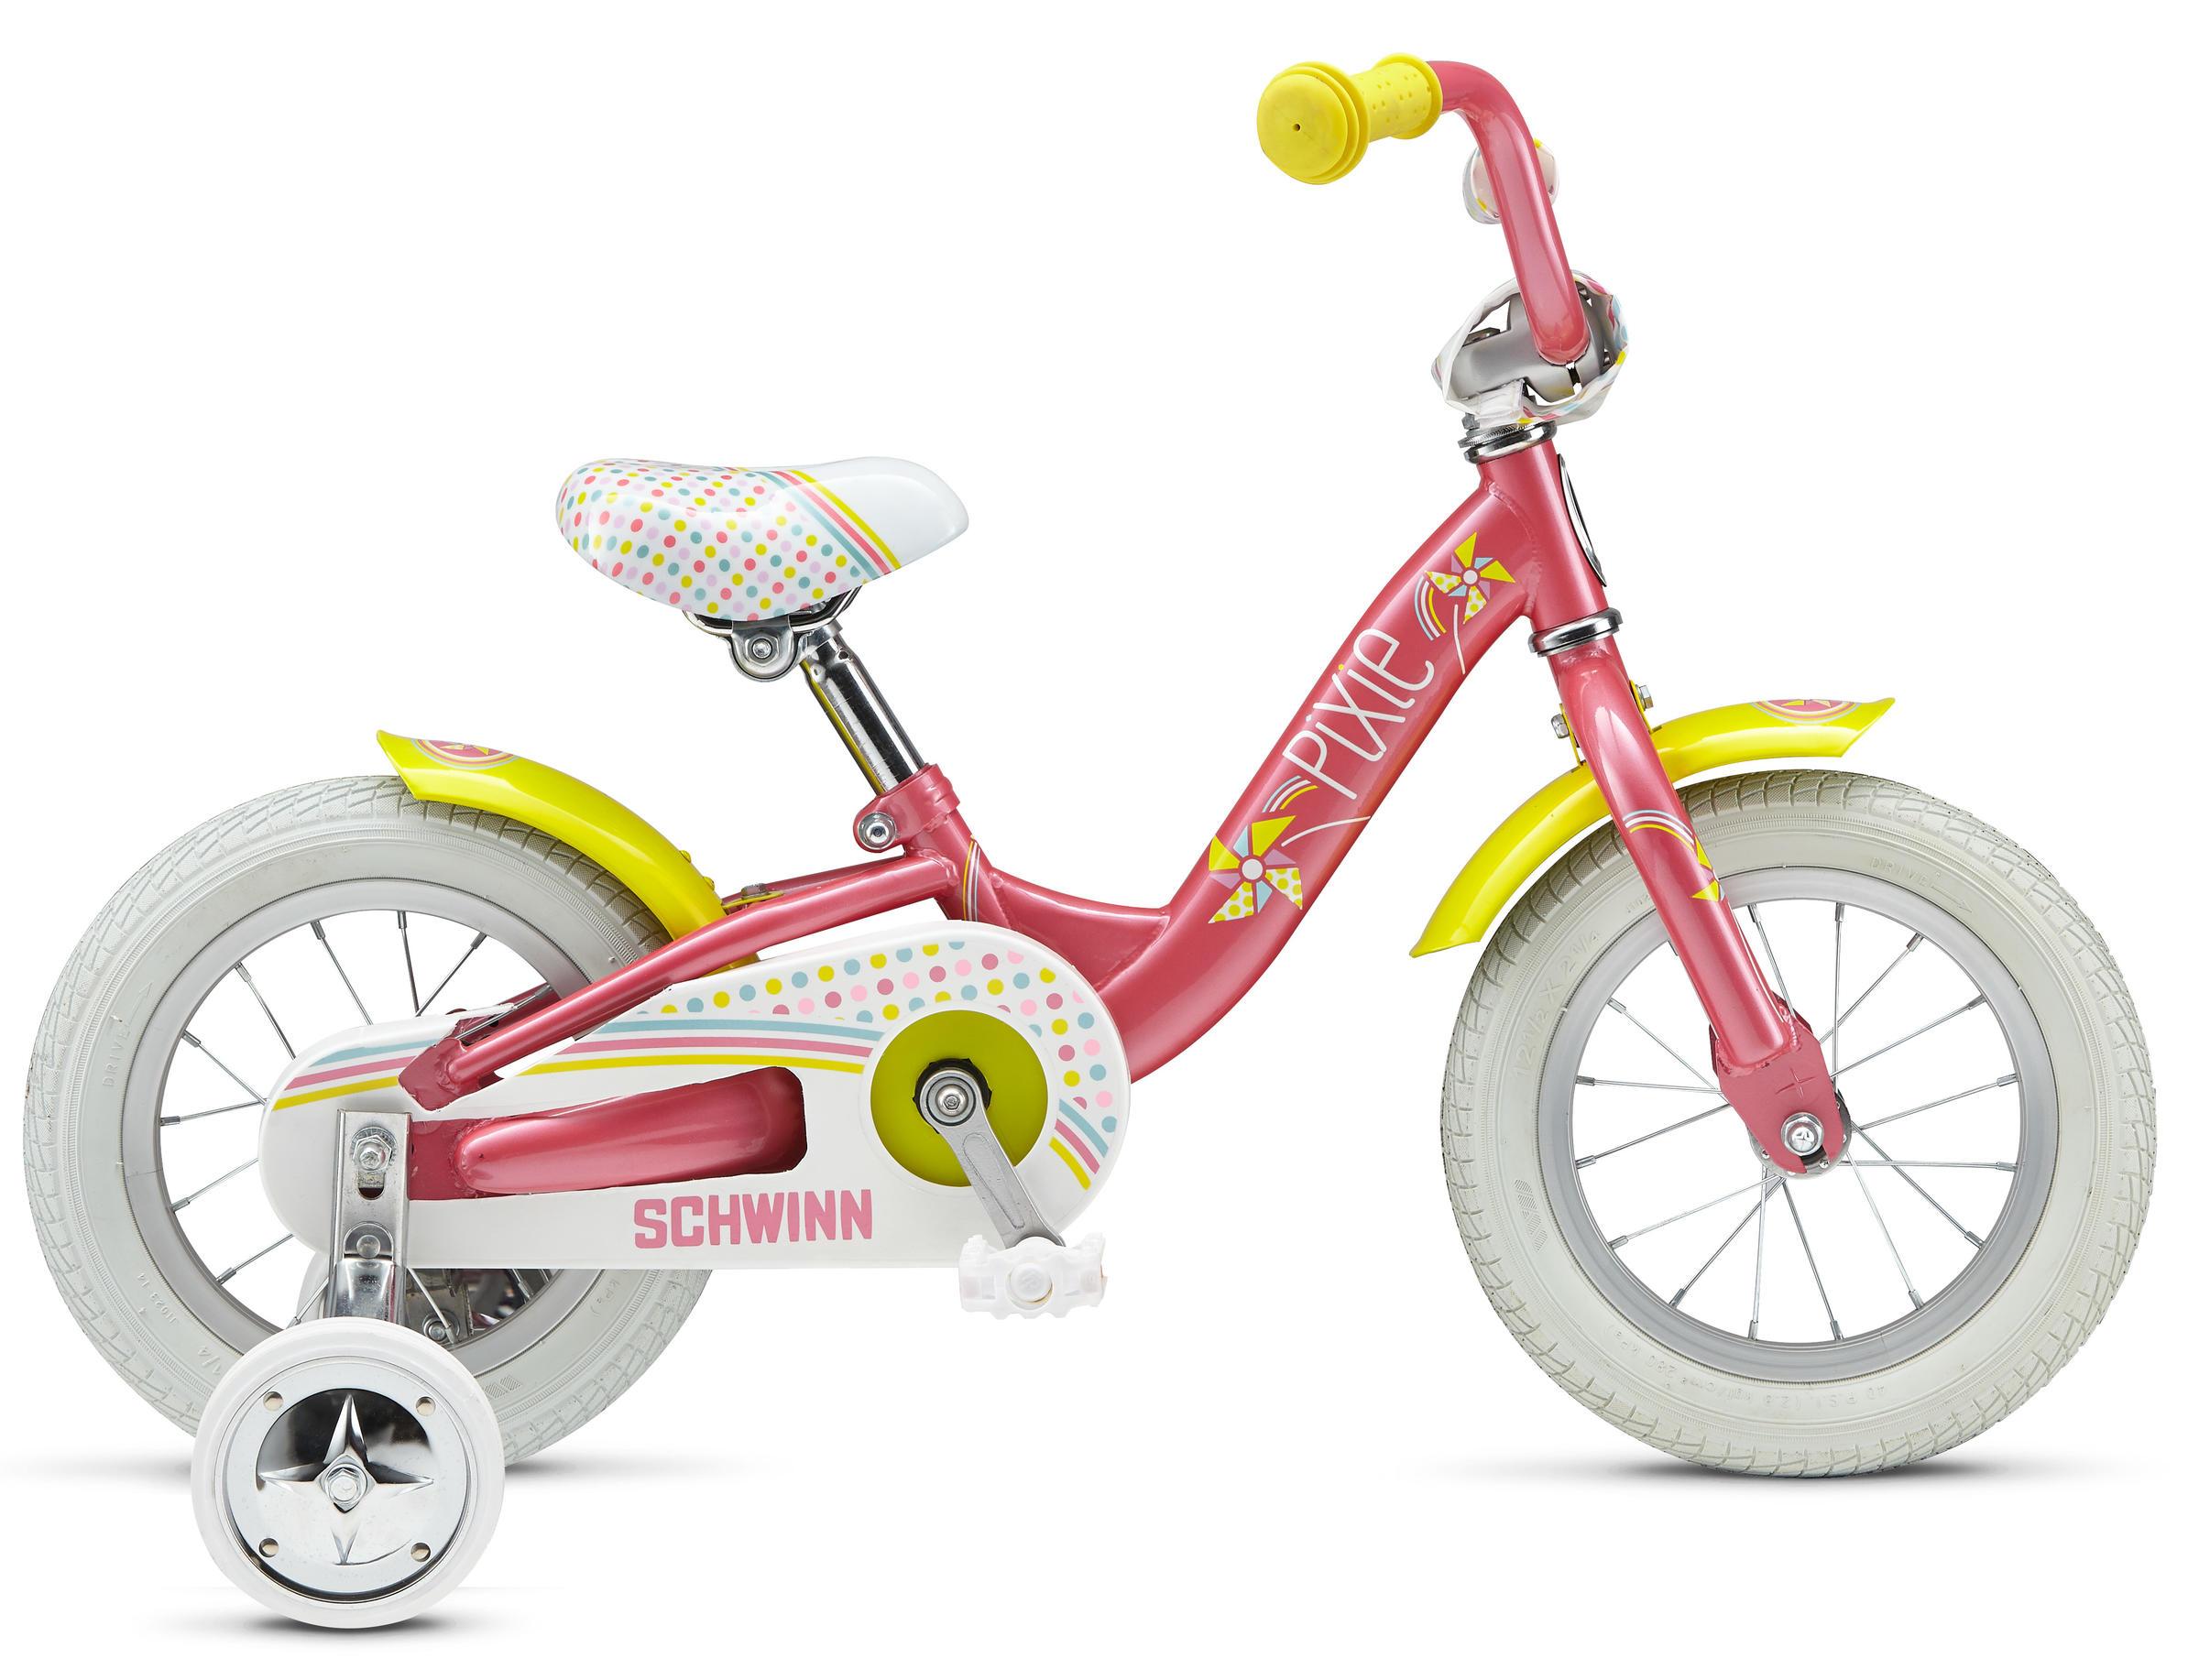 Schwinn Pixie - J-Town Bike, Bicycle Sales and Repair Shop